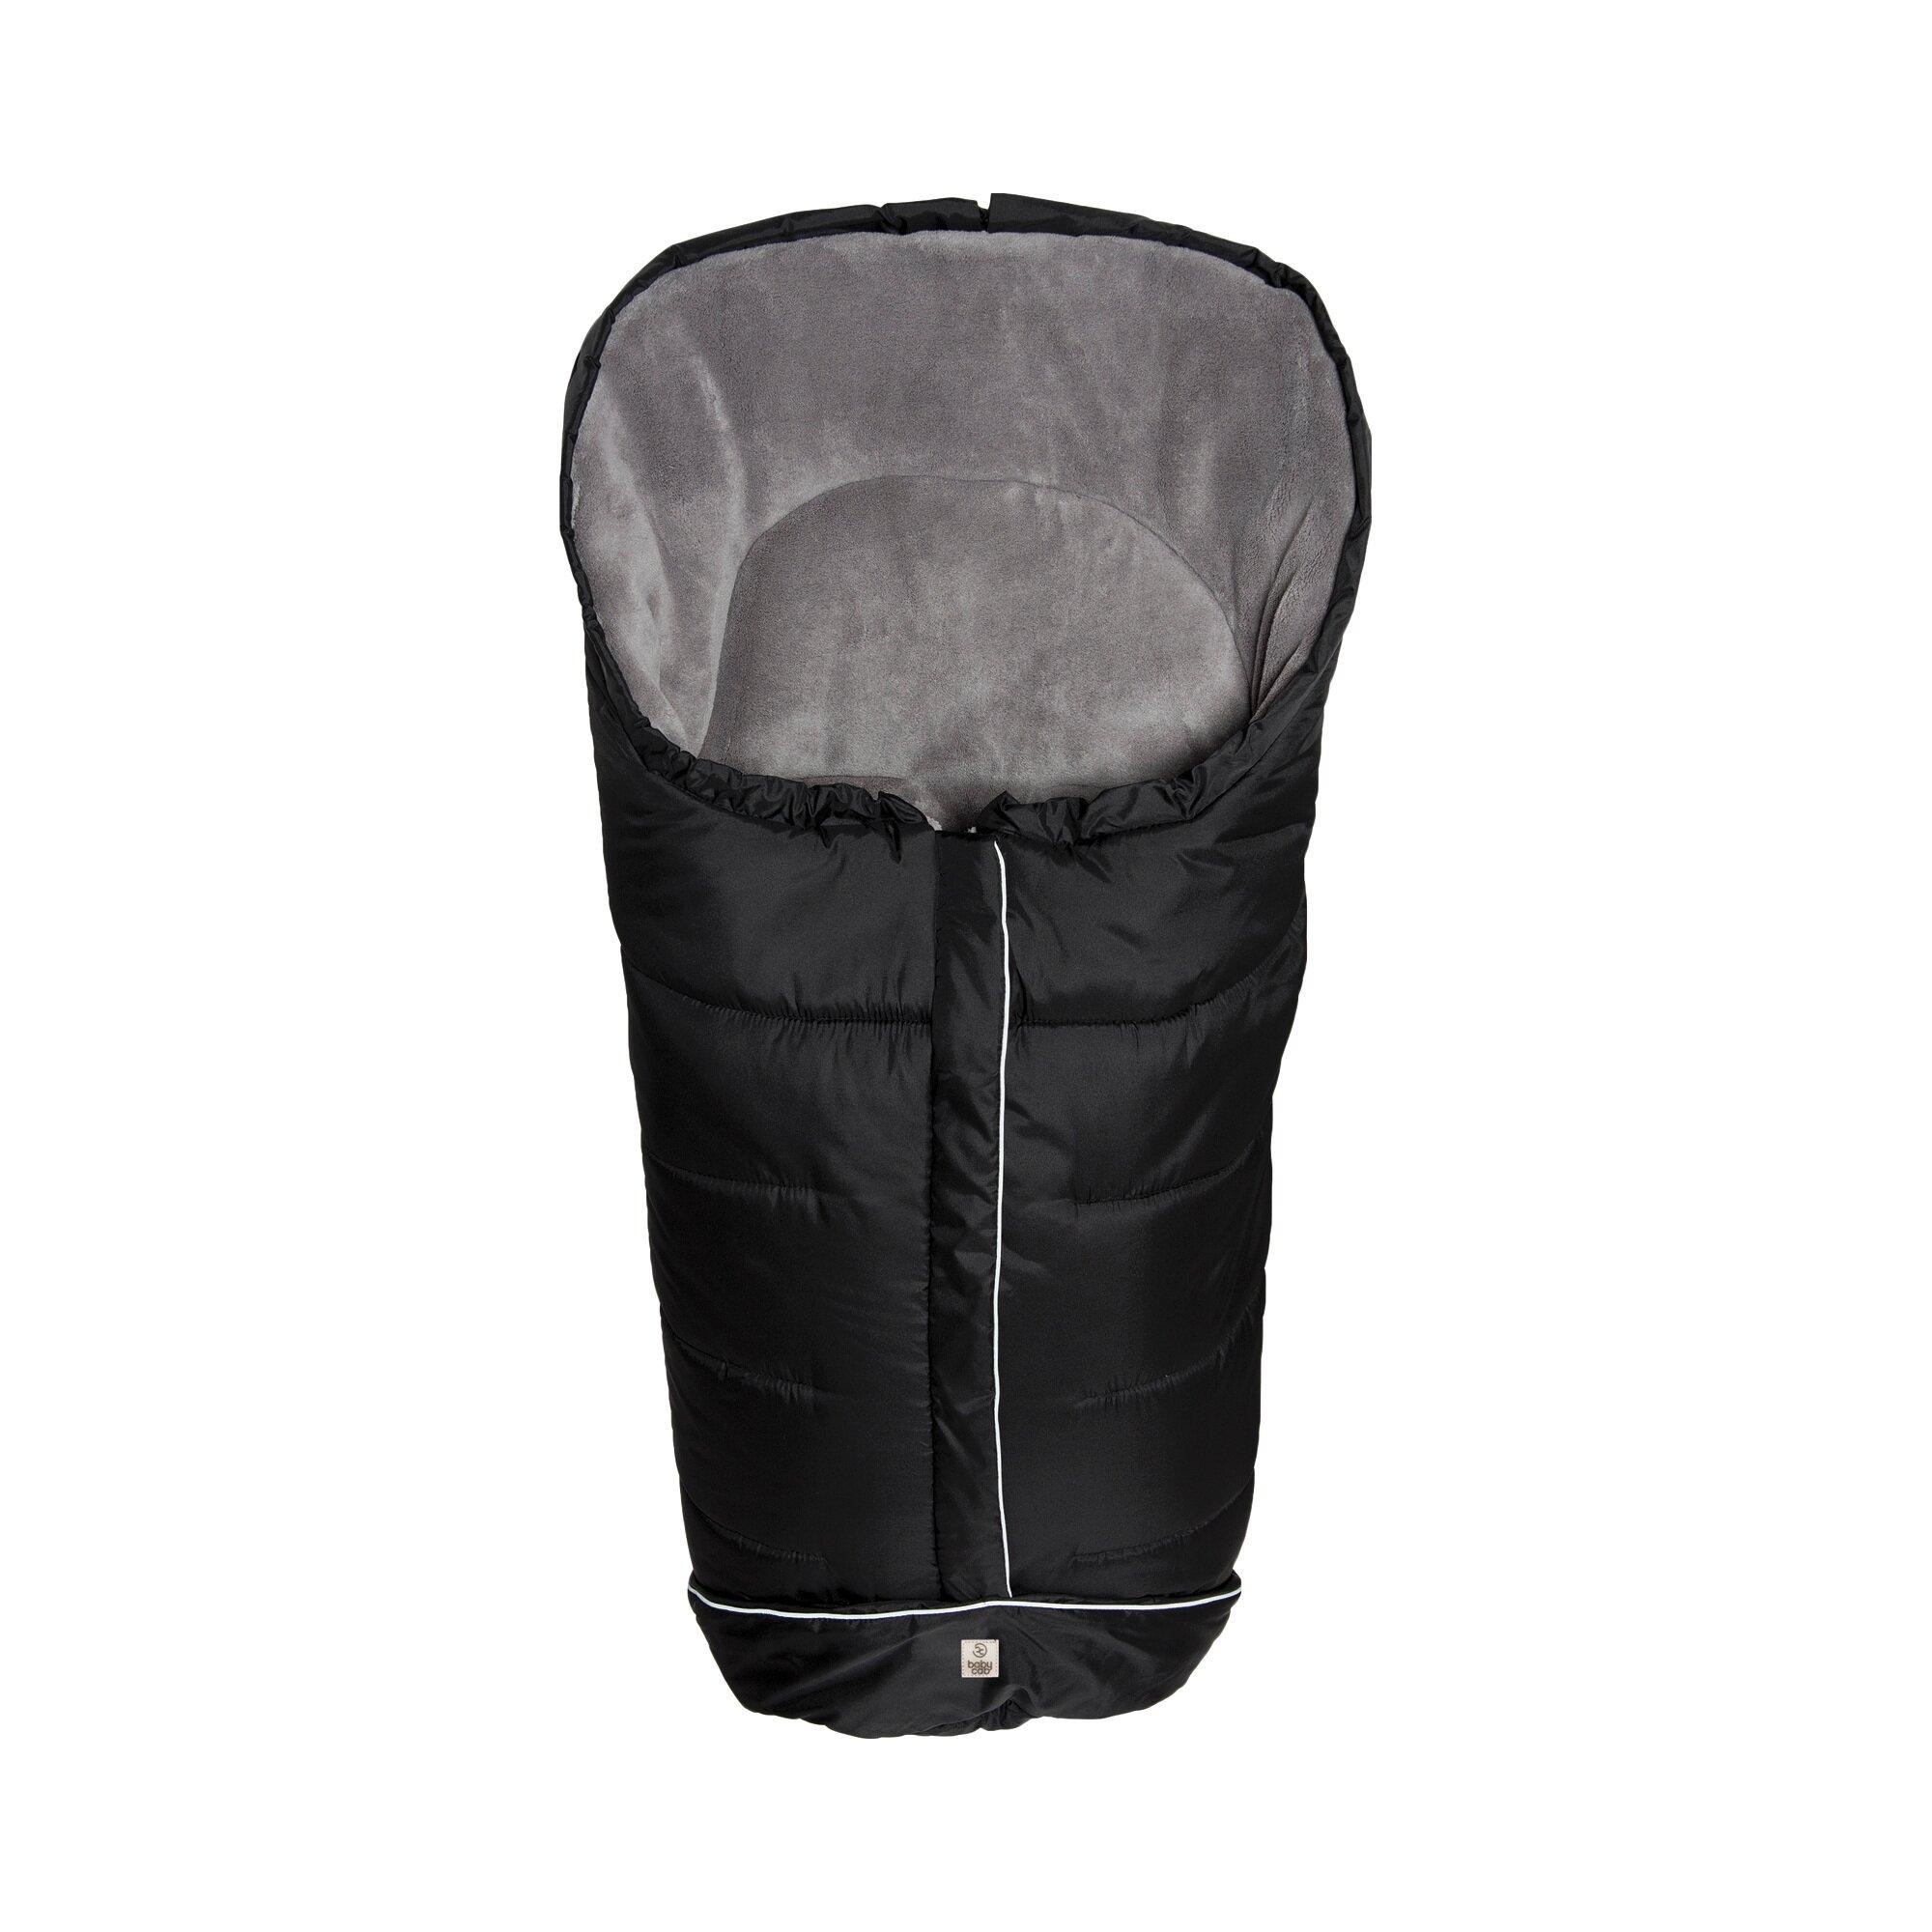 Babycab Winter-Fußsack K2 für Kinderwagen schwarz